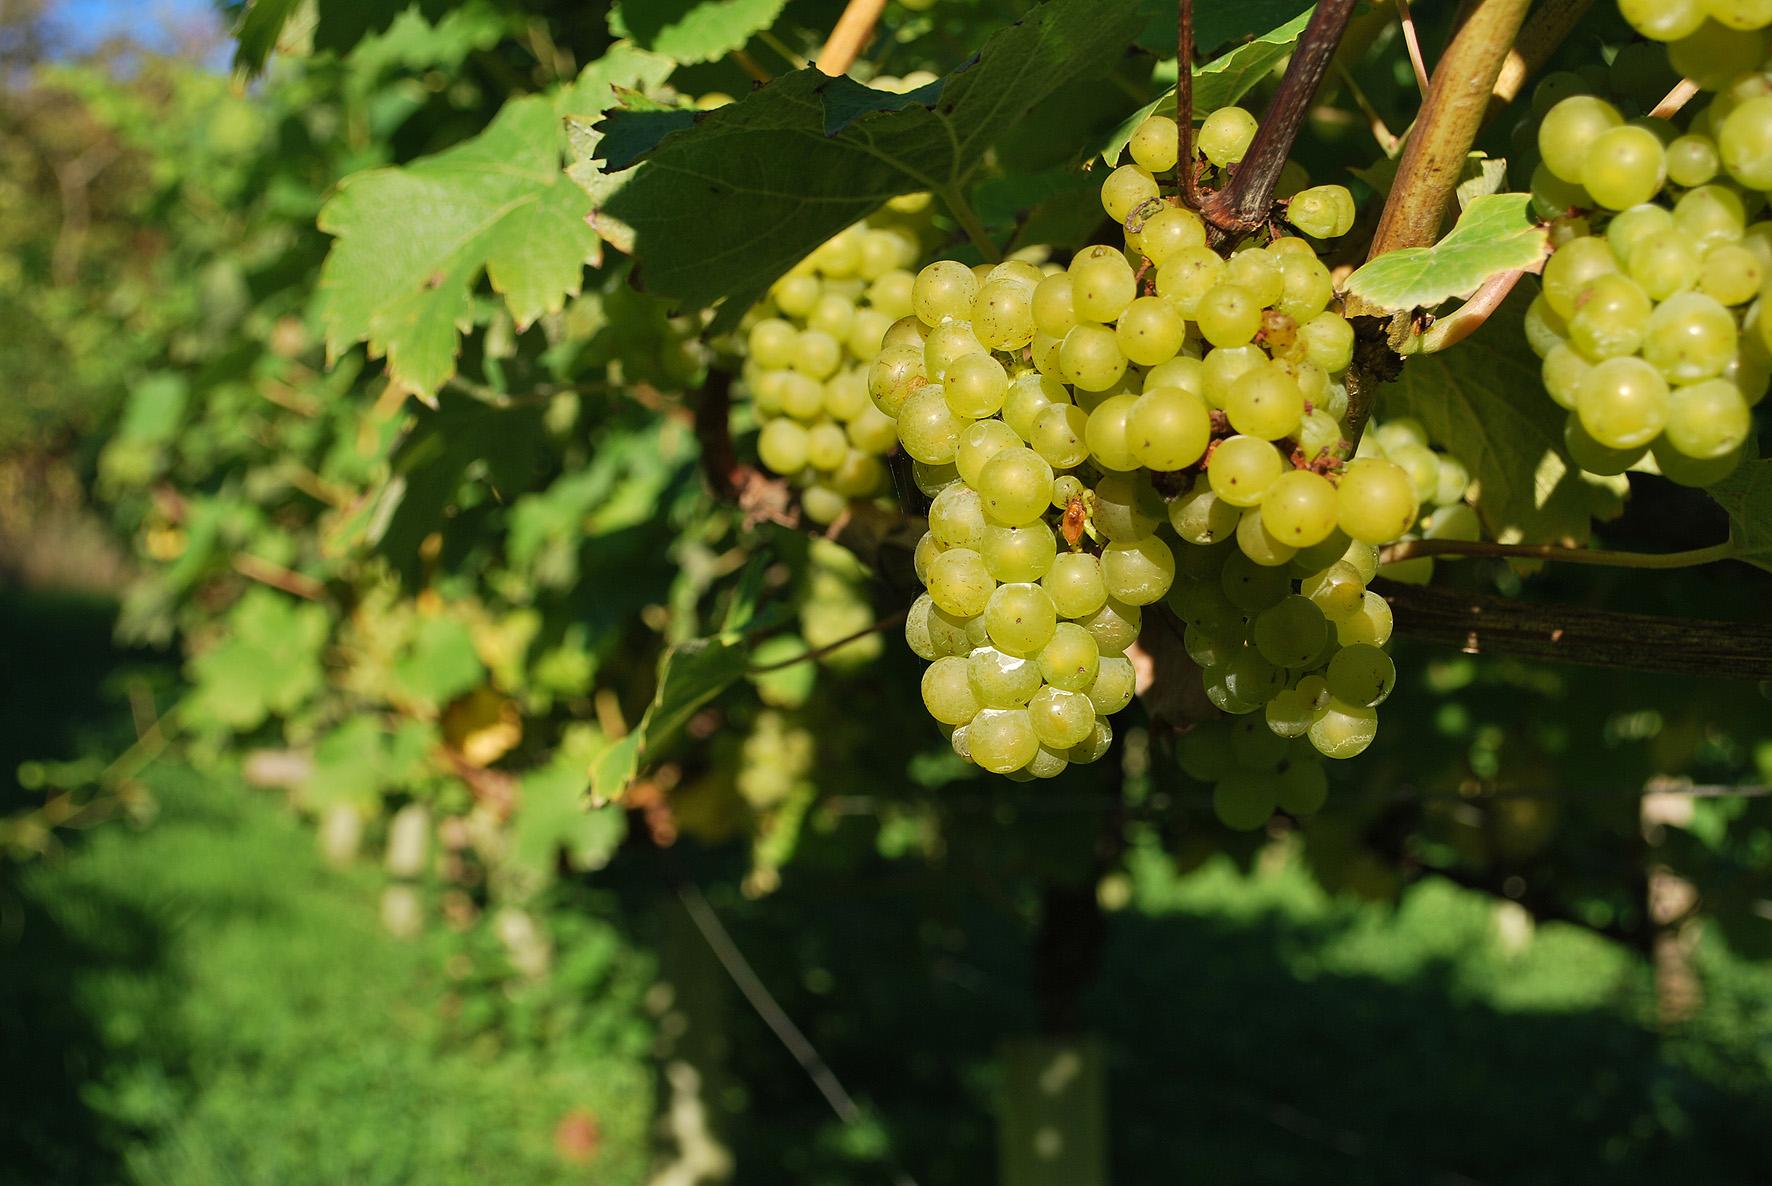 Ripe Bacchus grapes